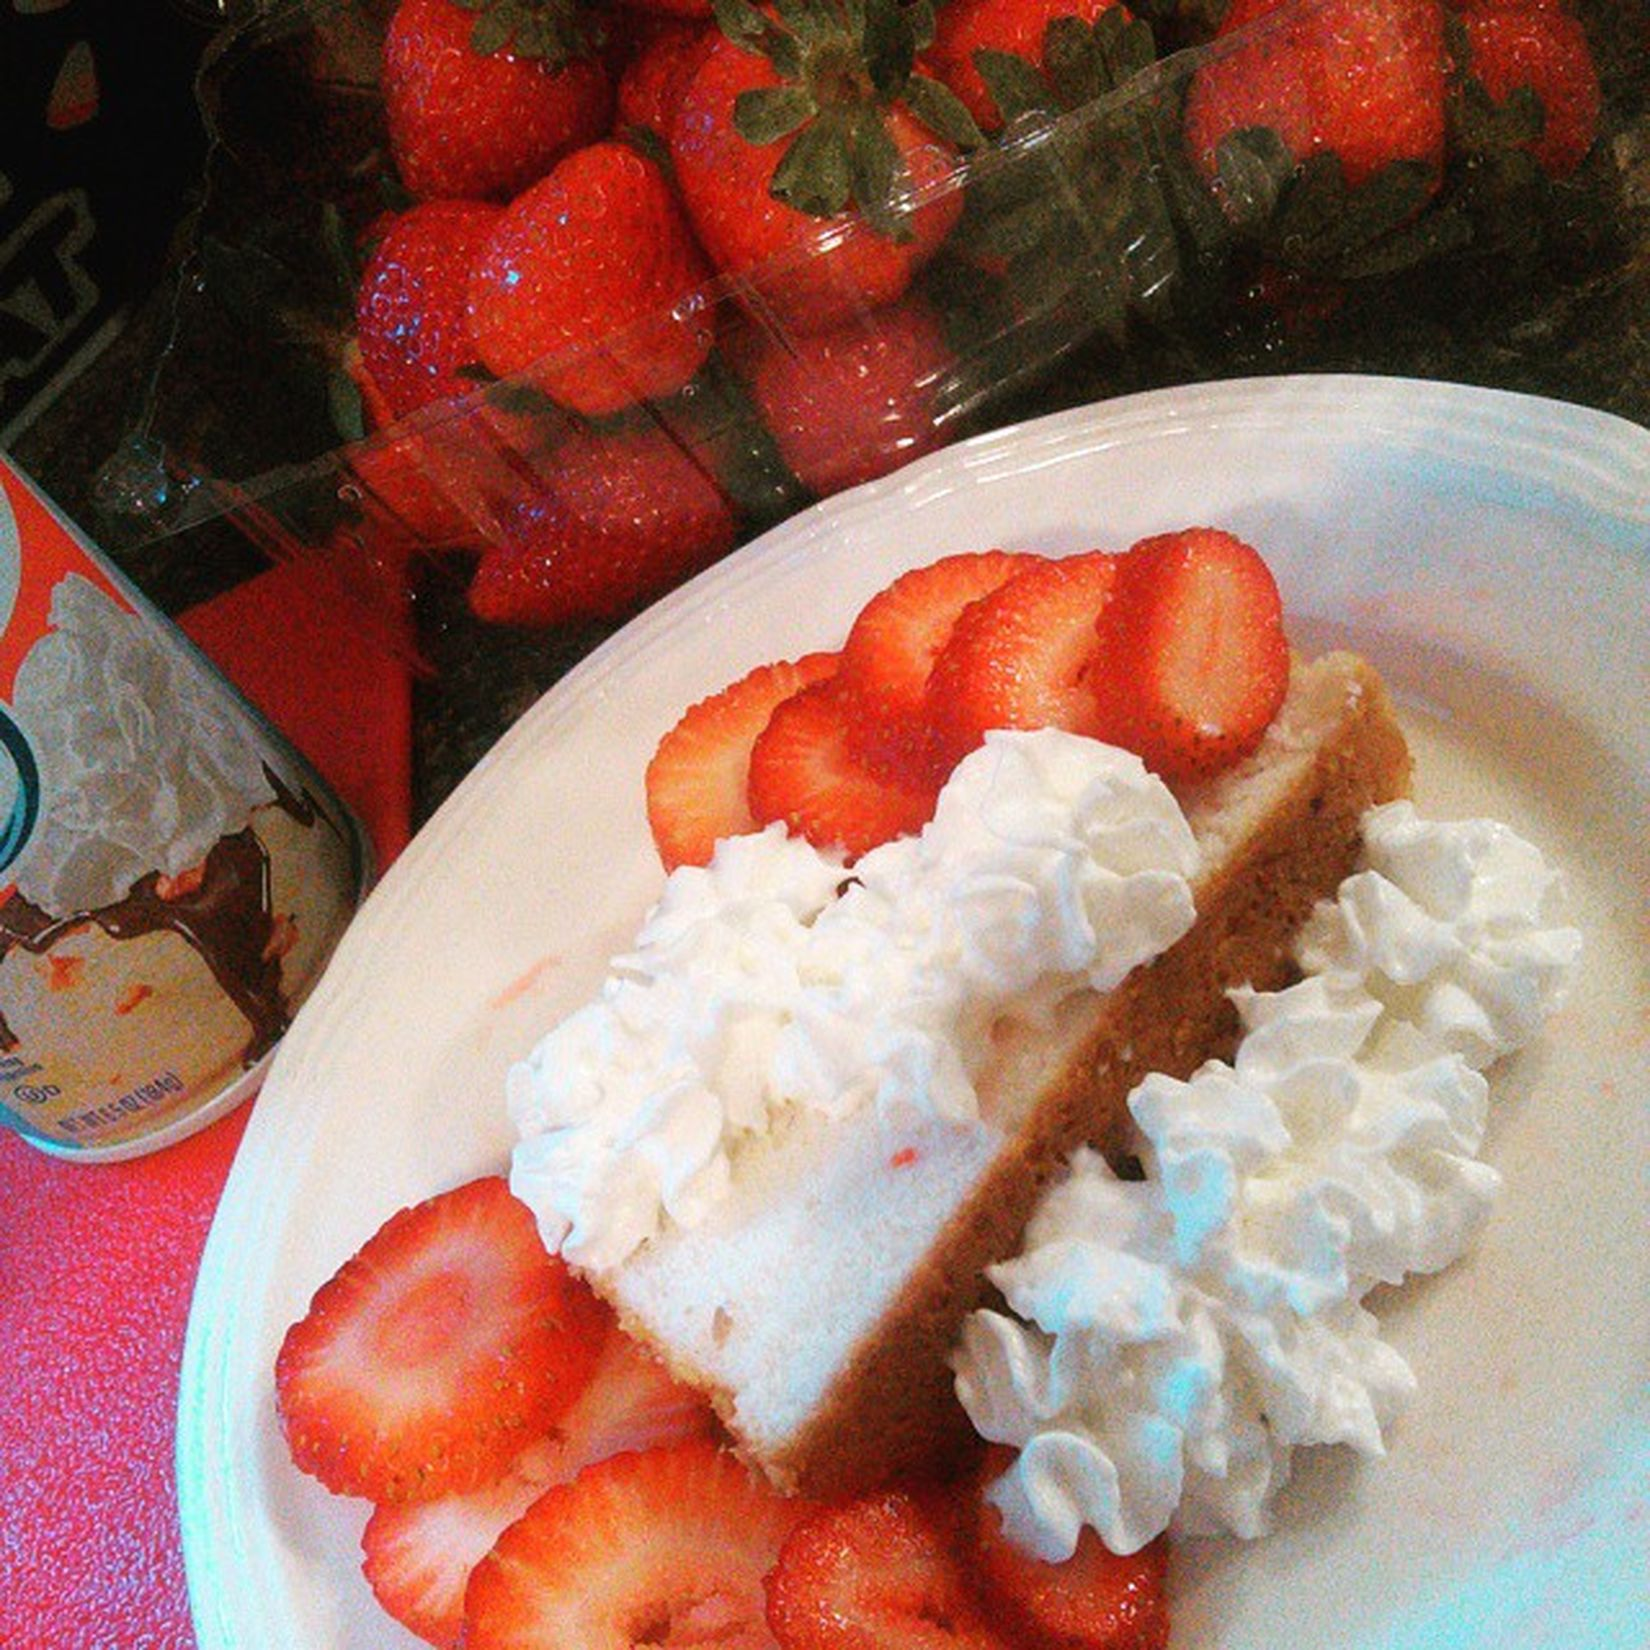 Strawberries Straberryshortcake Ilovefruittomuch Lol